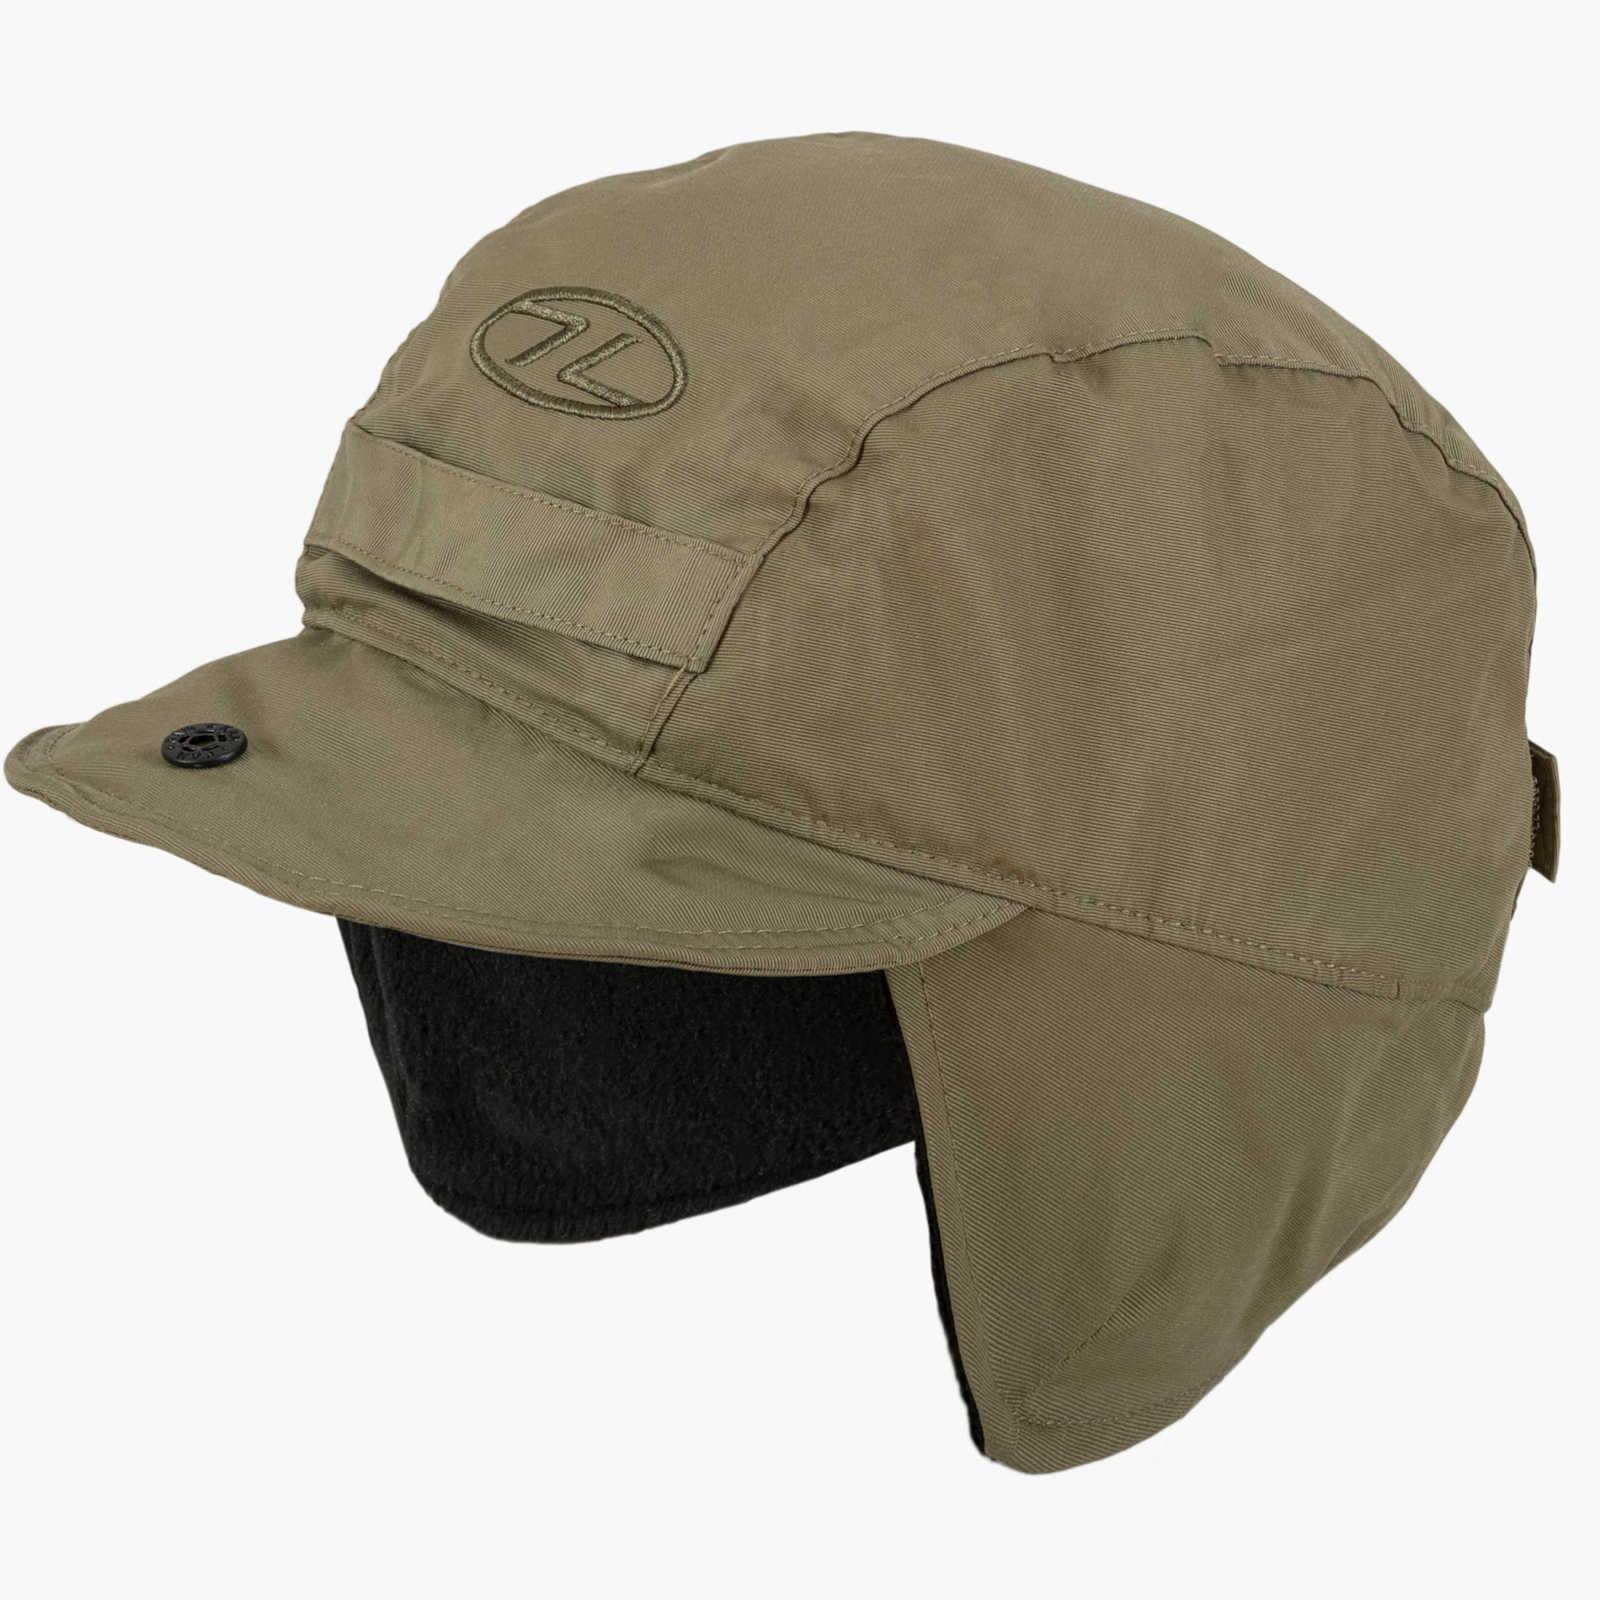 Highlander Hut HAT080 MOUNTAIN HAT